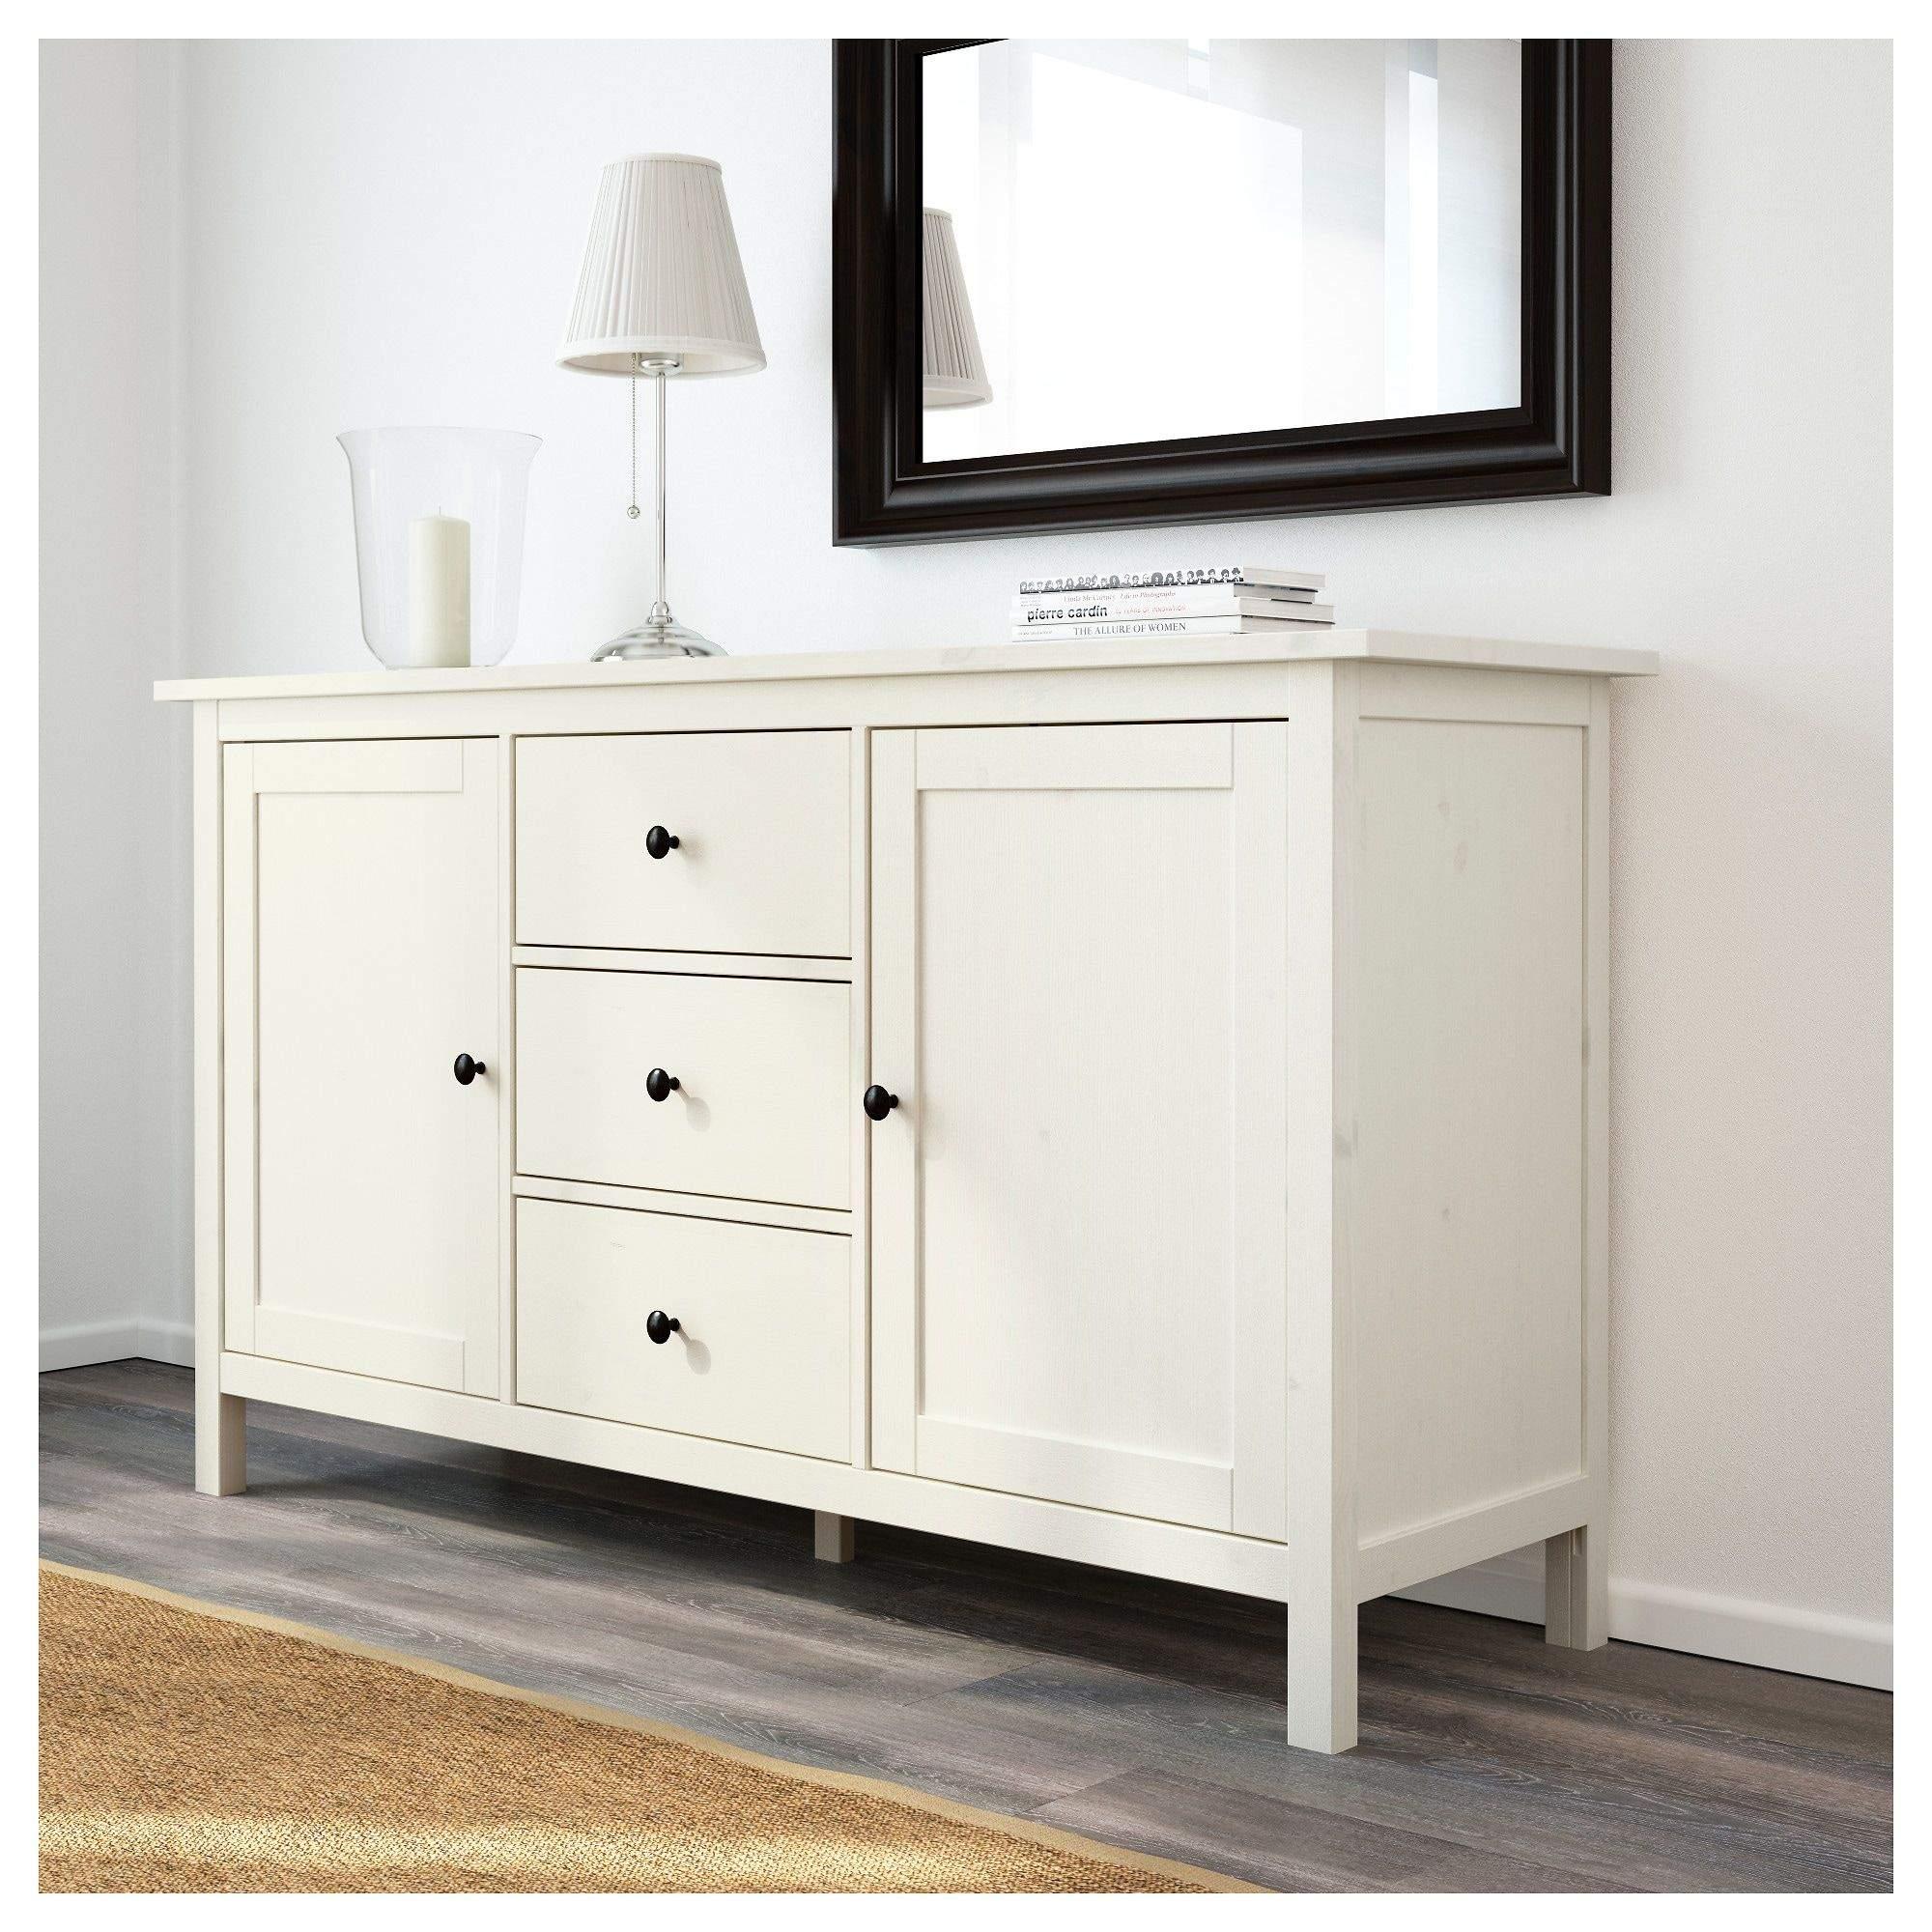 Full Size of Ikea Hemnes Wohnzimmer Einzigartig White Stain Betten 160x200 Sofa Mit Schlaffunktion Küche Kosten Kaufen Miniküche Bei Sideboard Arbeitsplatte Modulküche Wohnzimmer Ikea Sideboard